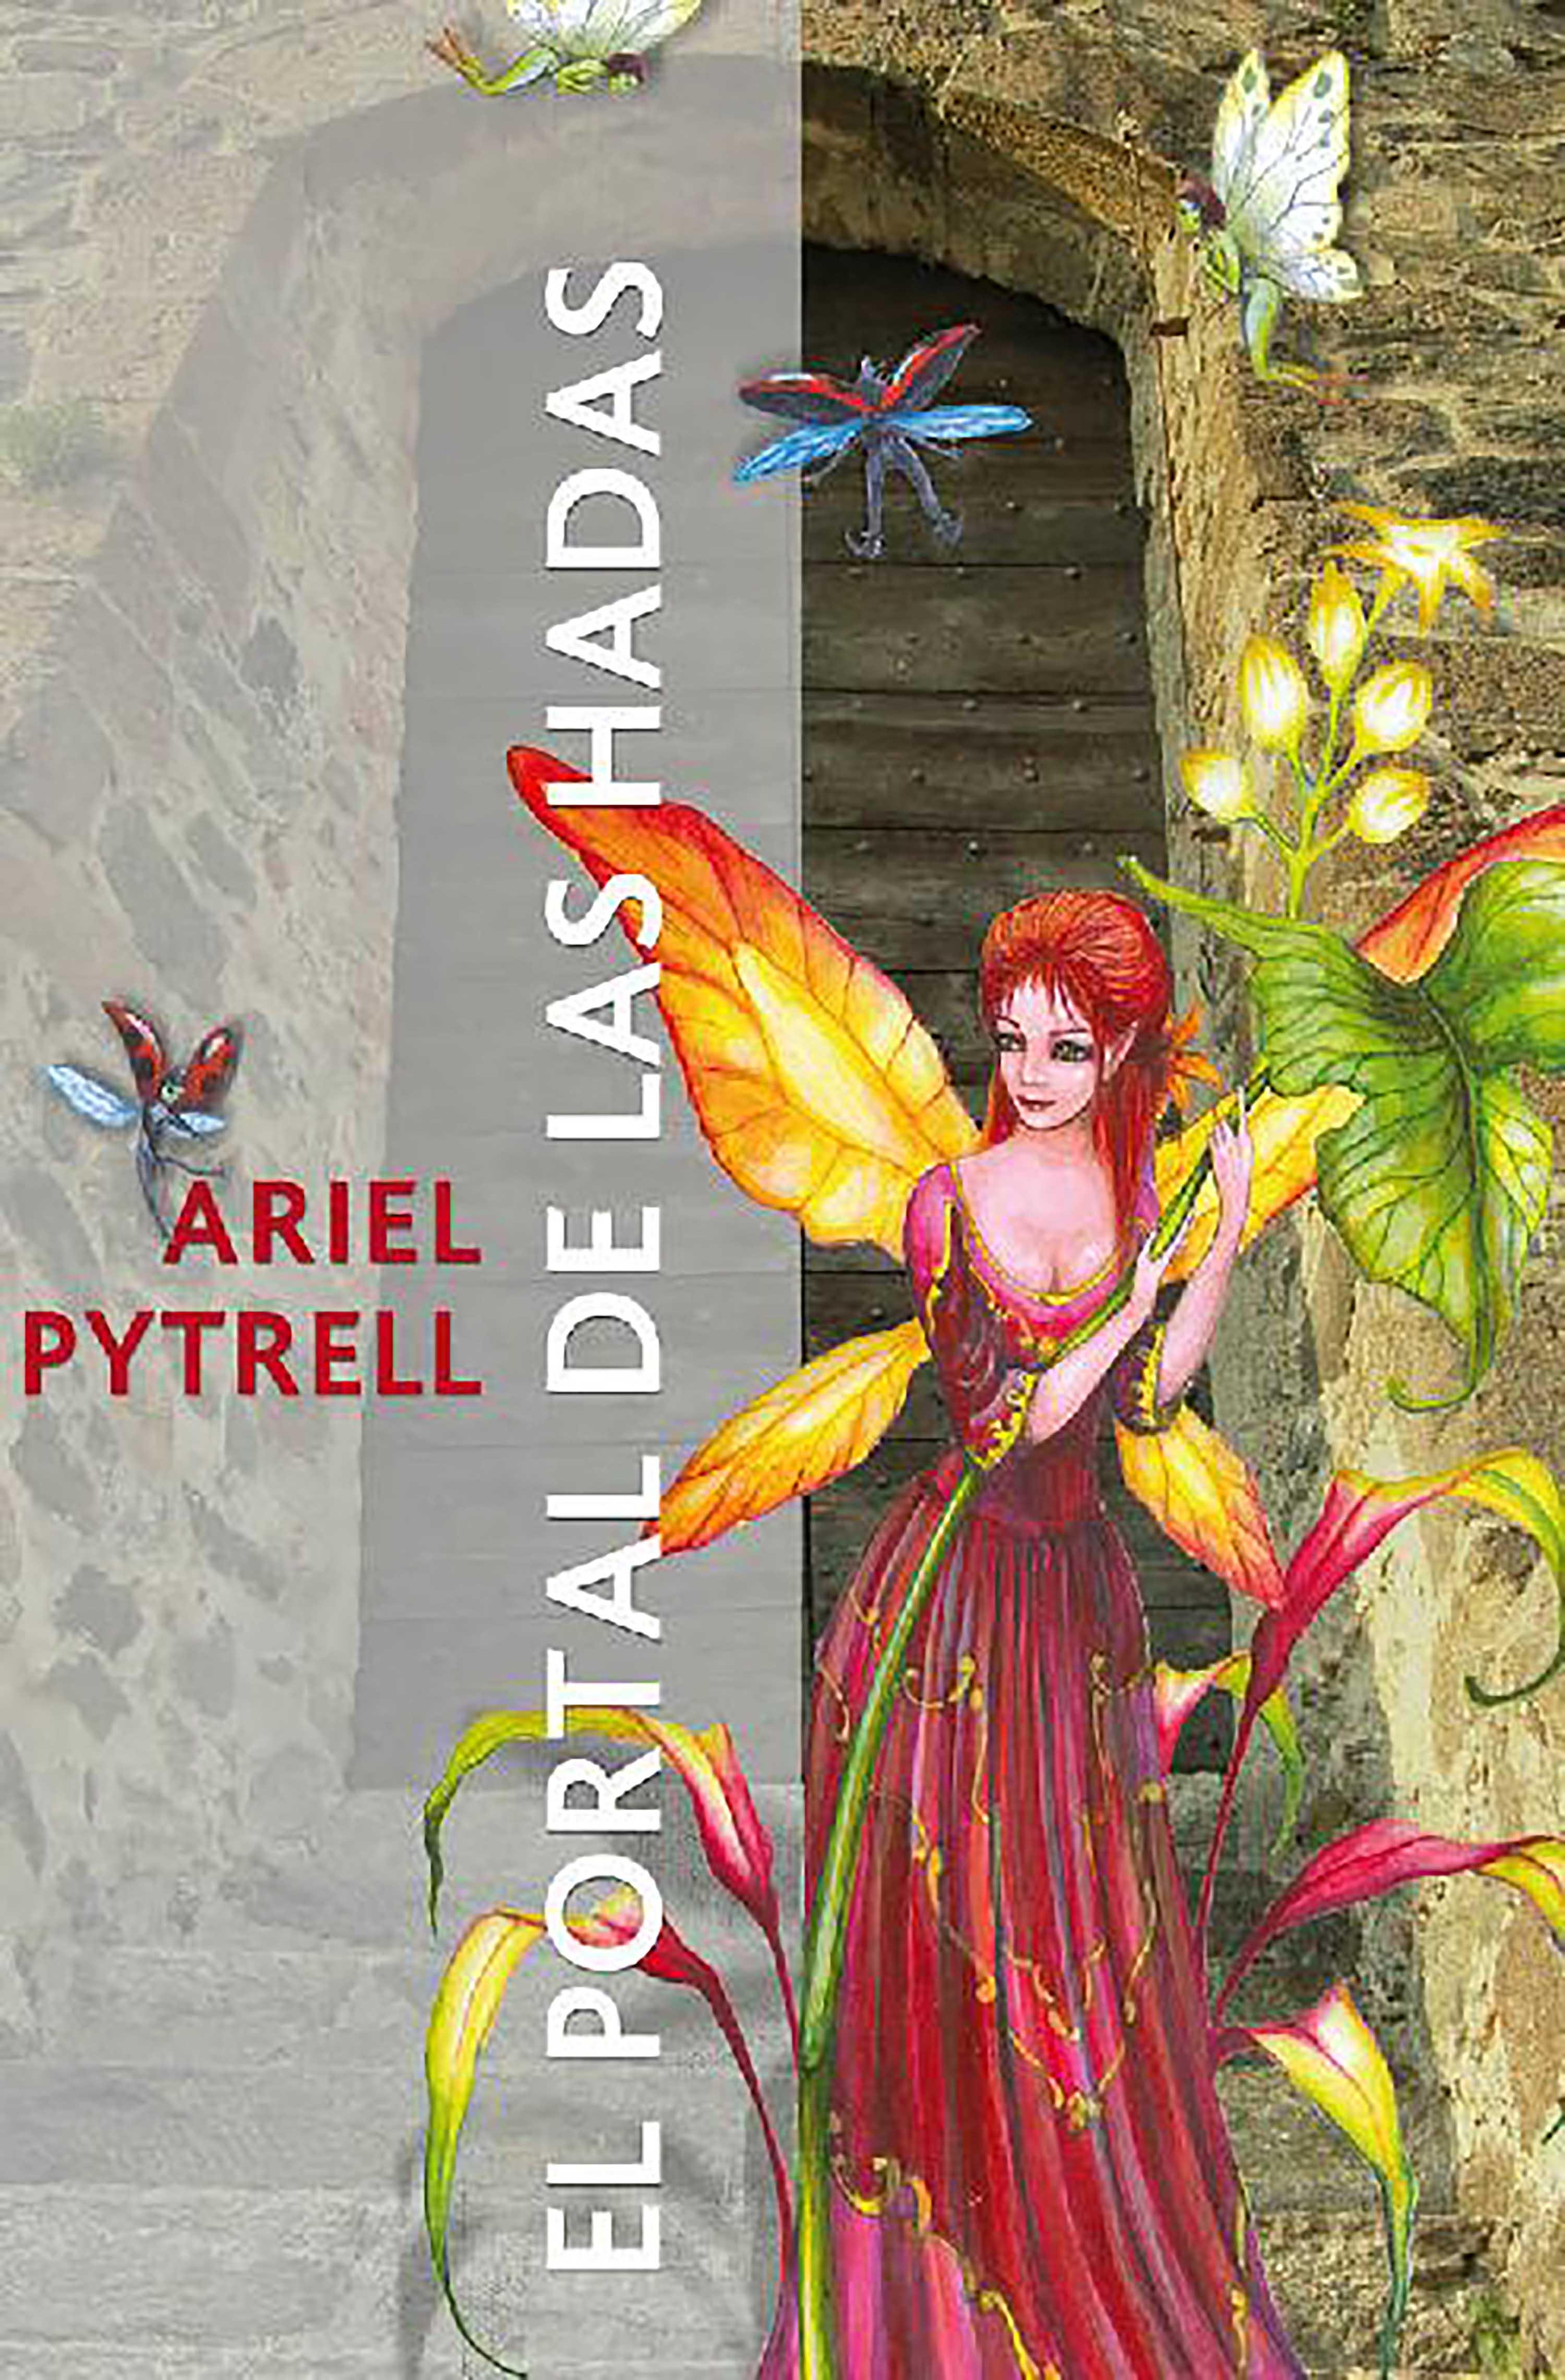 Ariel Pytrell El portal de las hadas босоножки portal portal po018awehqt3